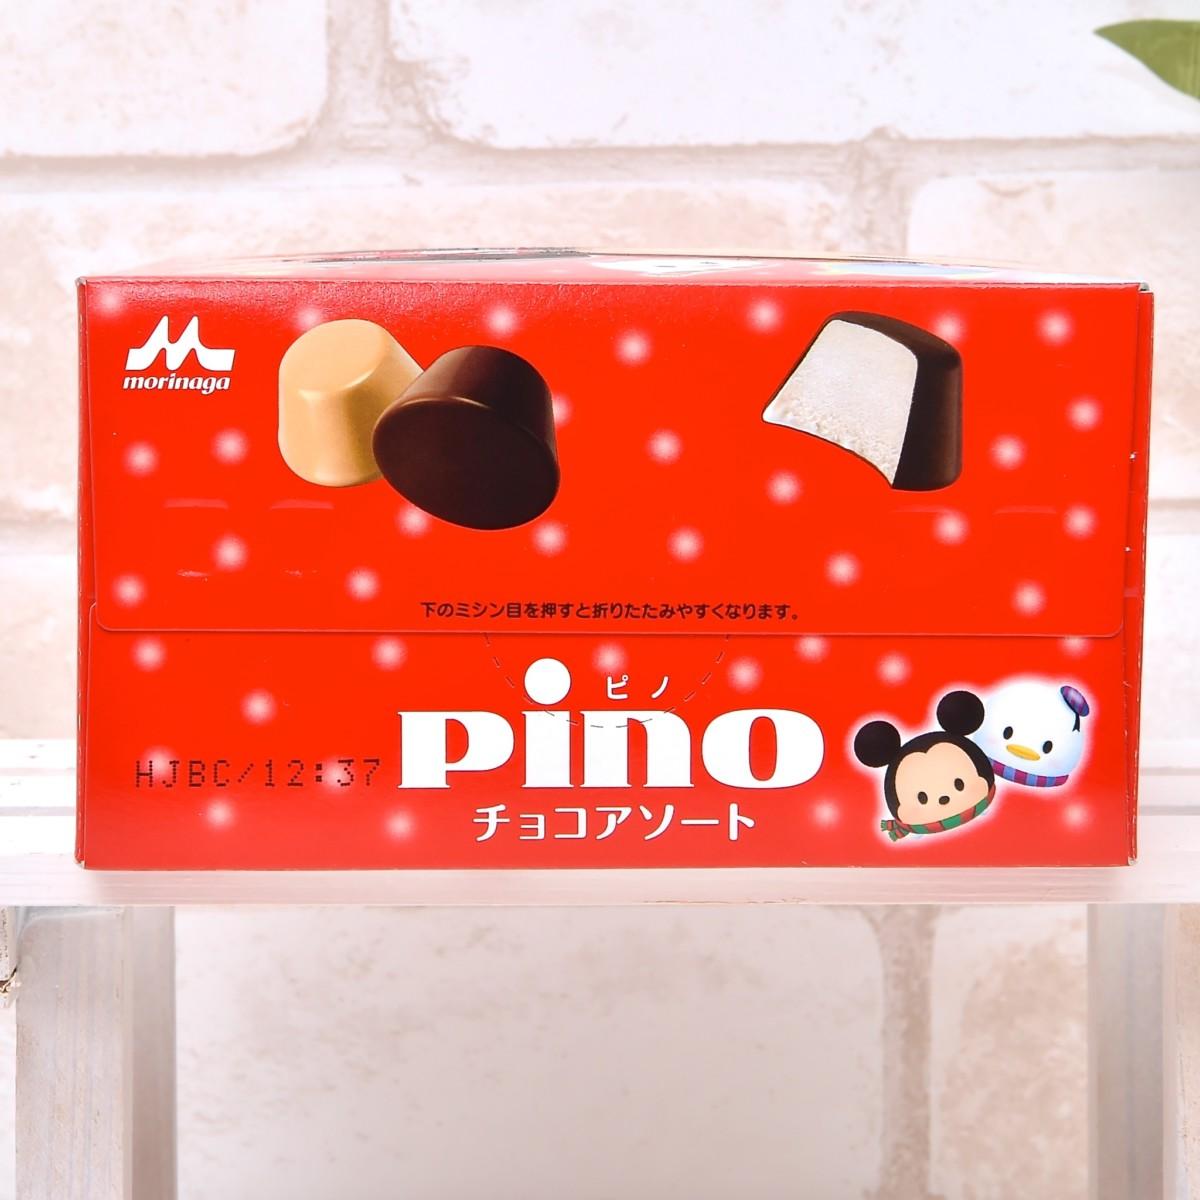 ピノ チョコアソート ミッキー サイド1